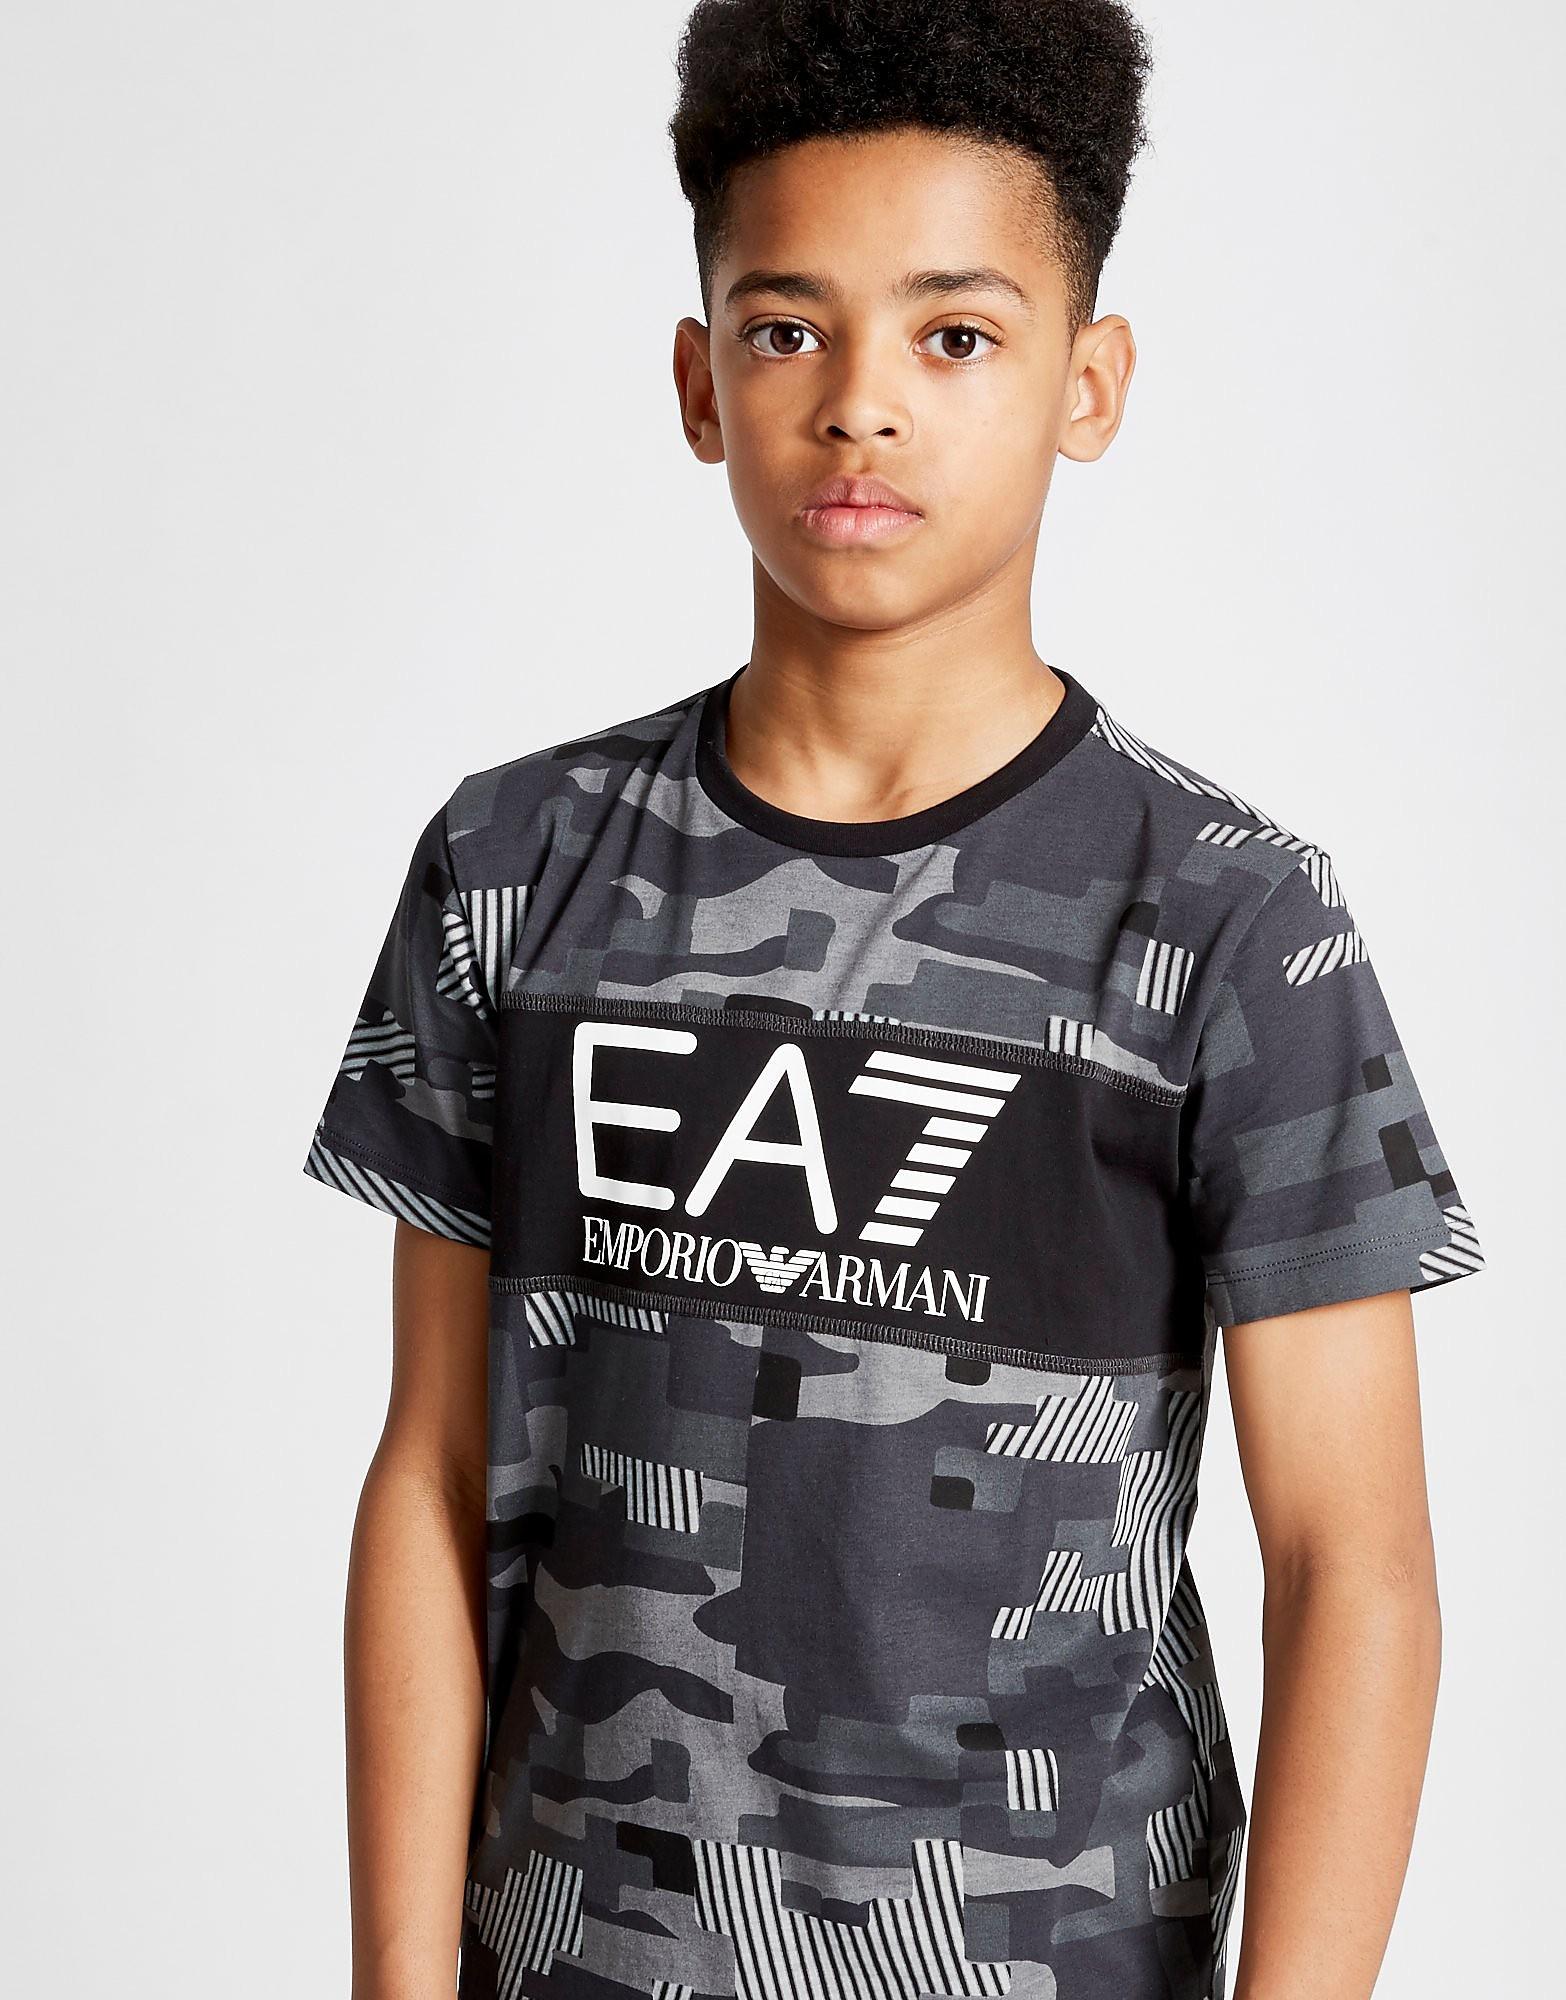 Emporio Armani EA7 Digital Camo T-Shirt Junior